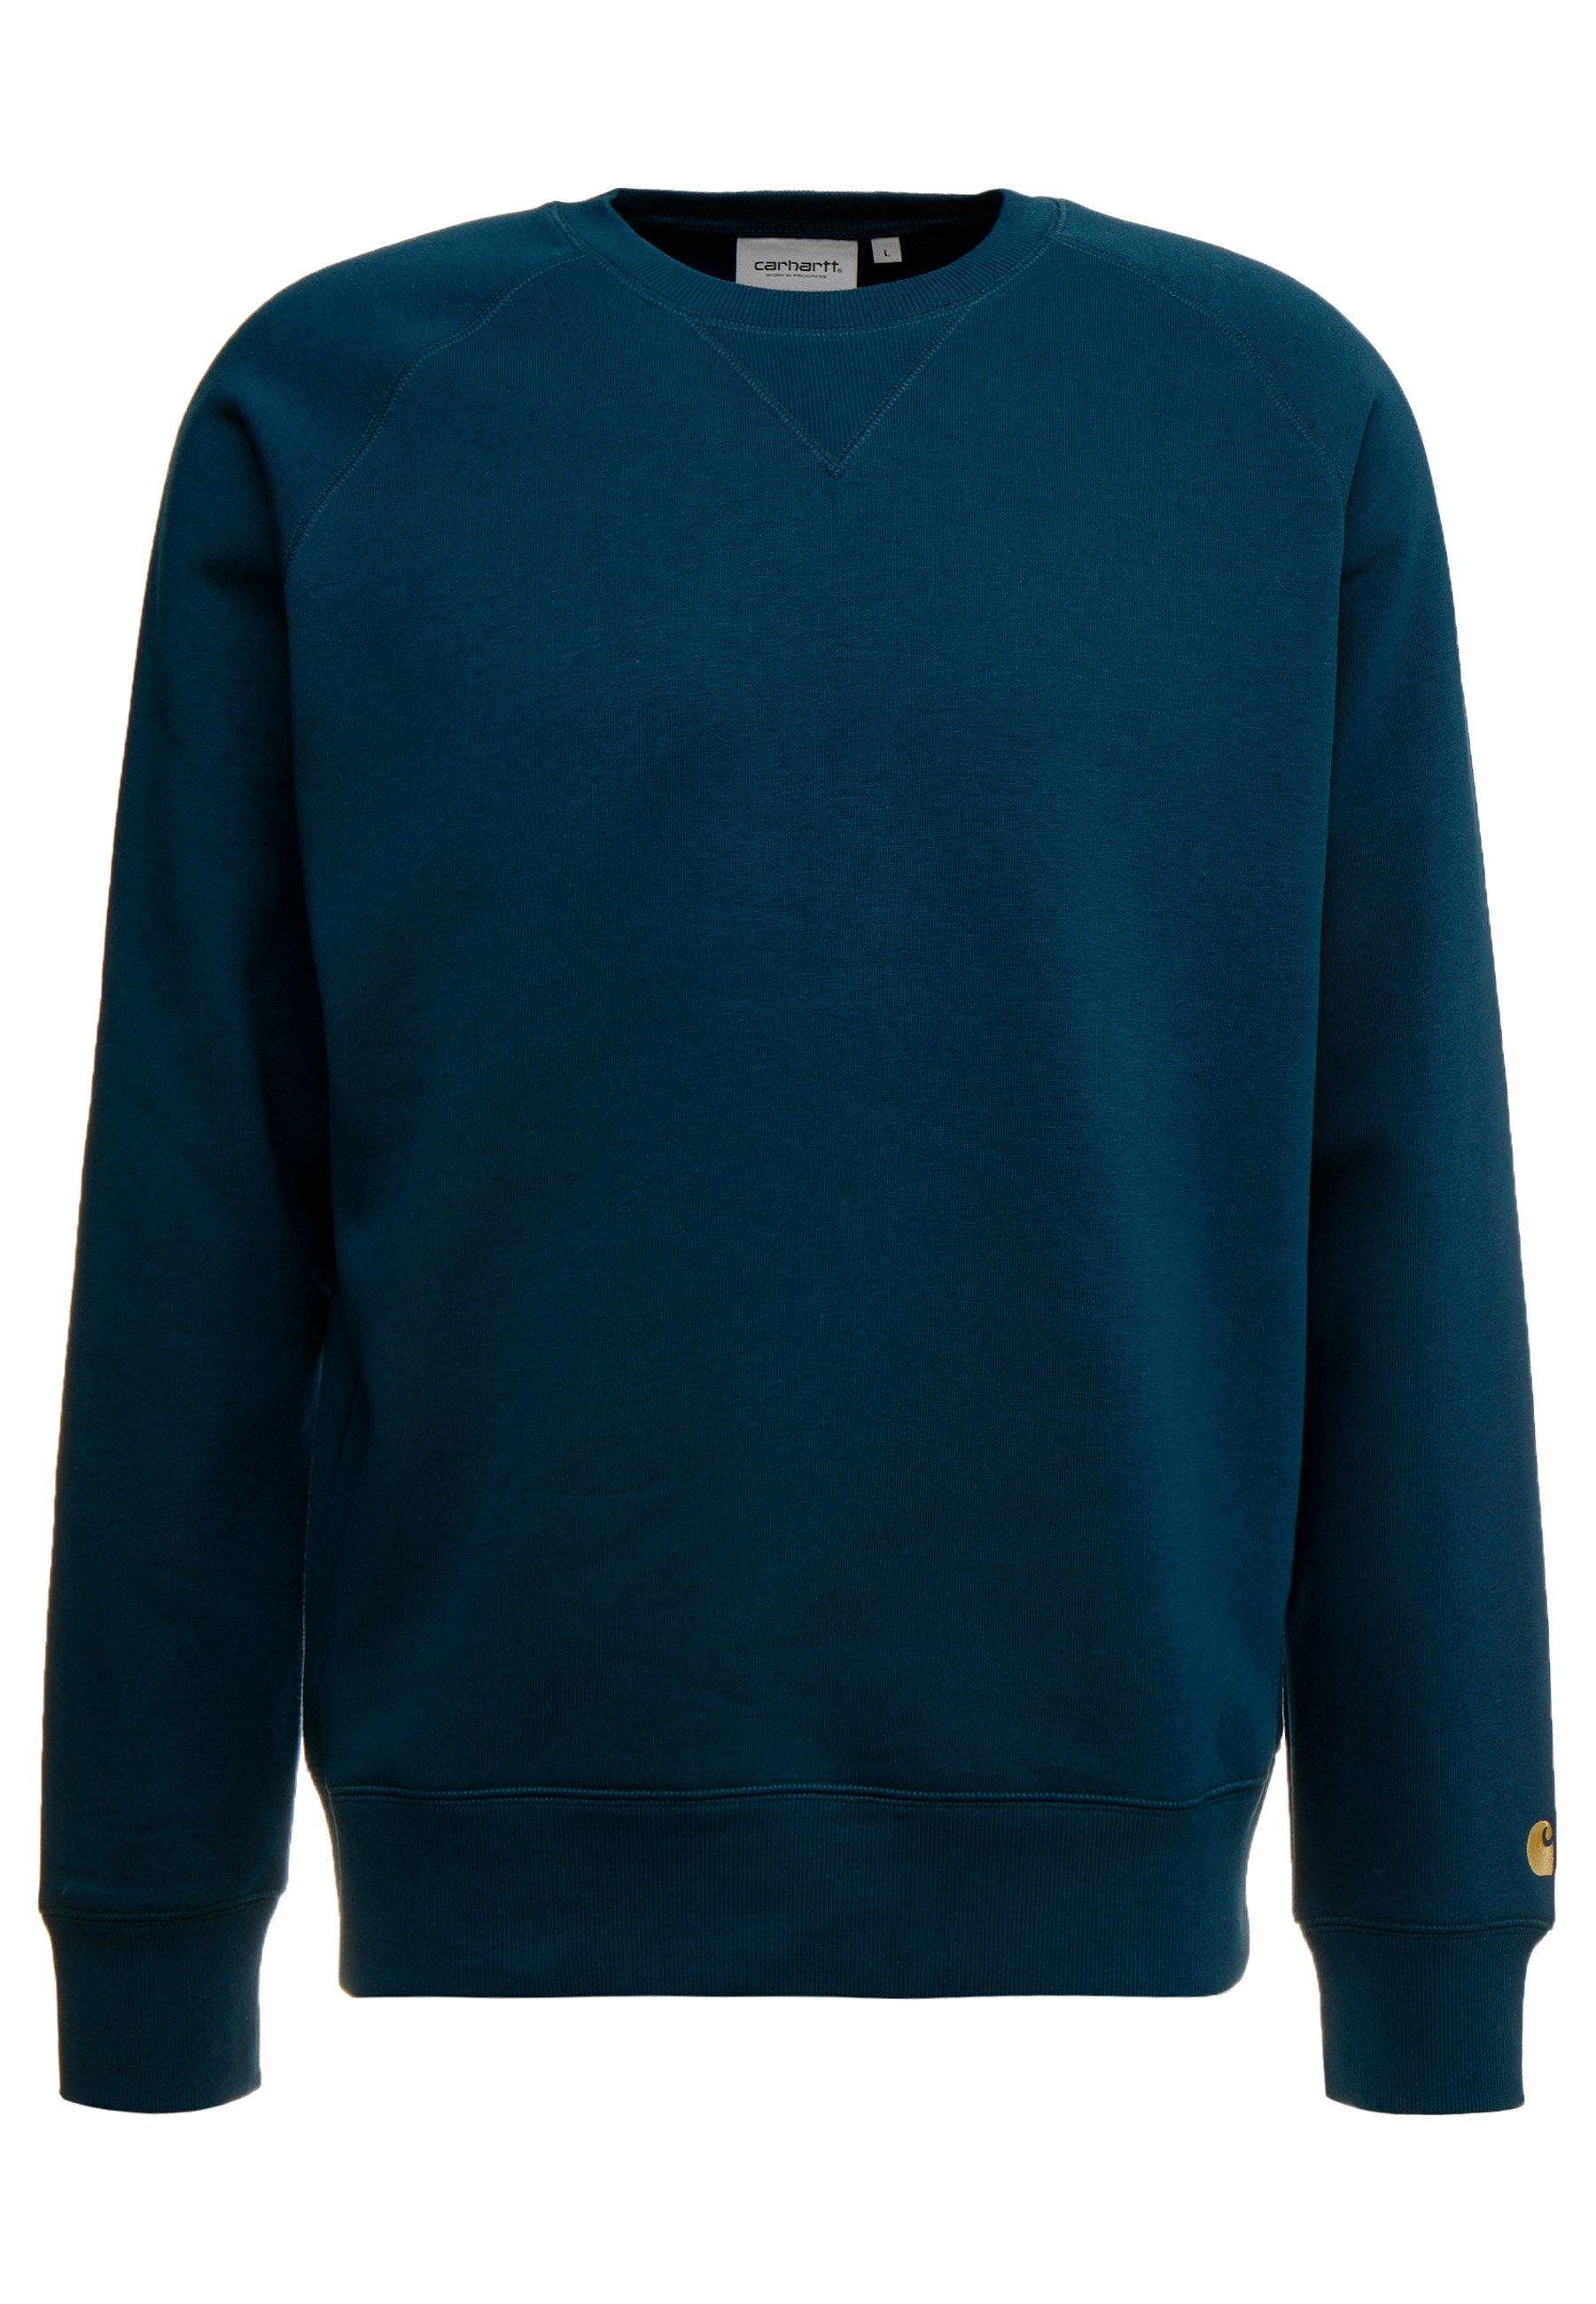 Carhartt WIP CHASE Sweatshirt duck bluegold ZALANDO.FR